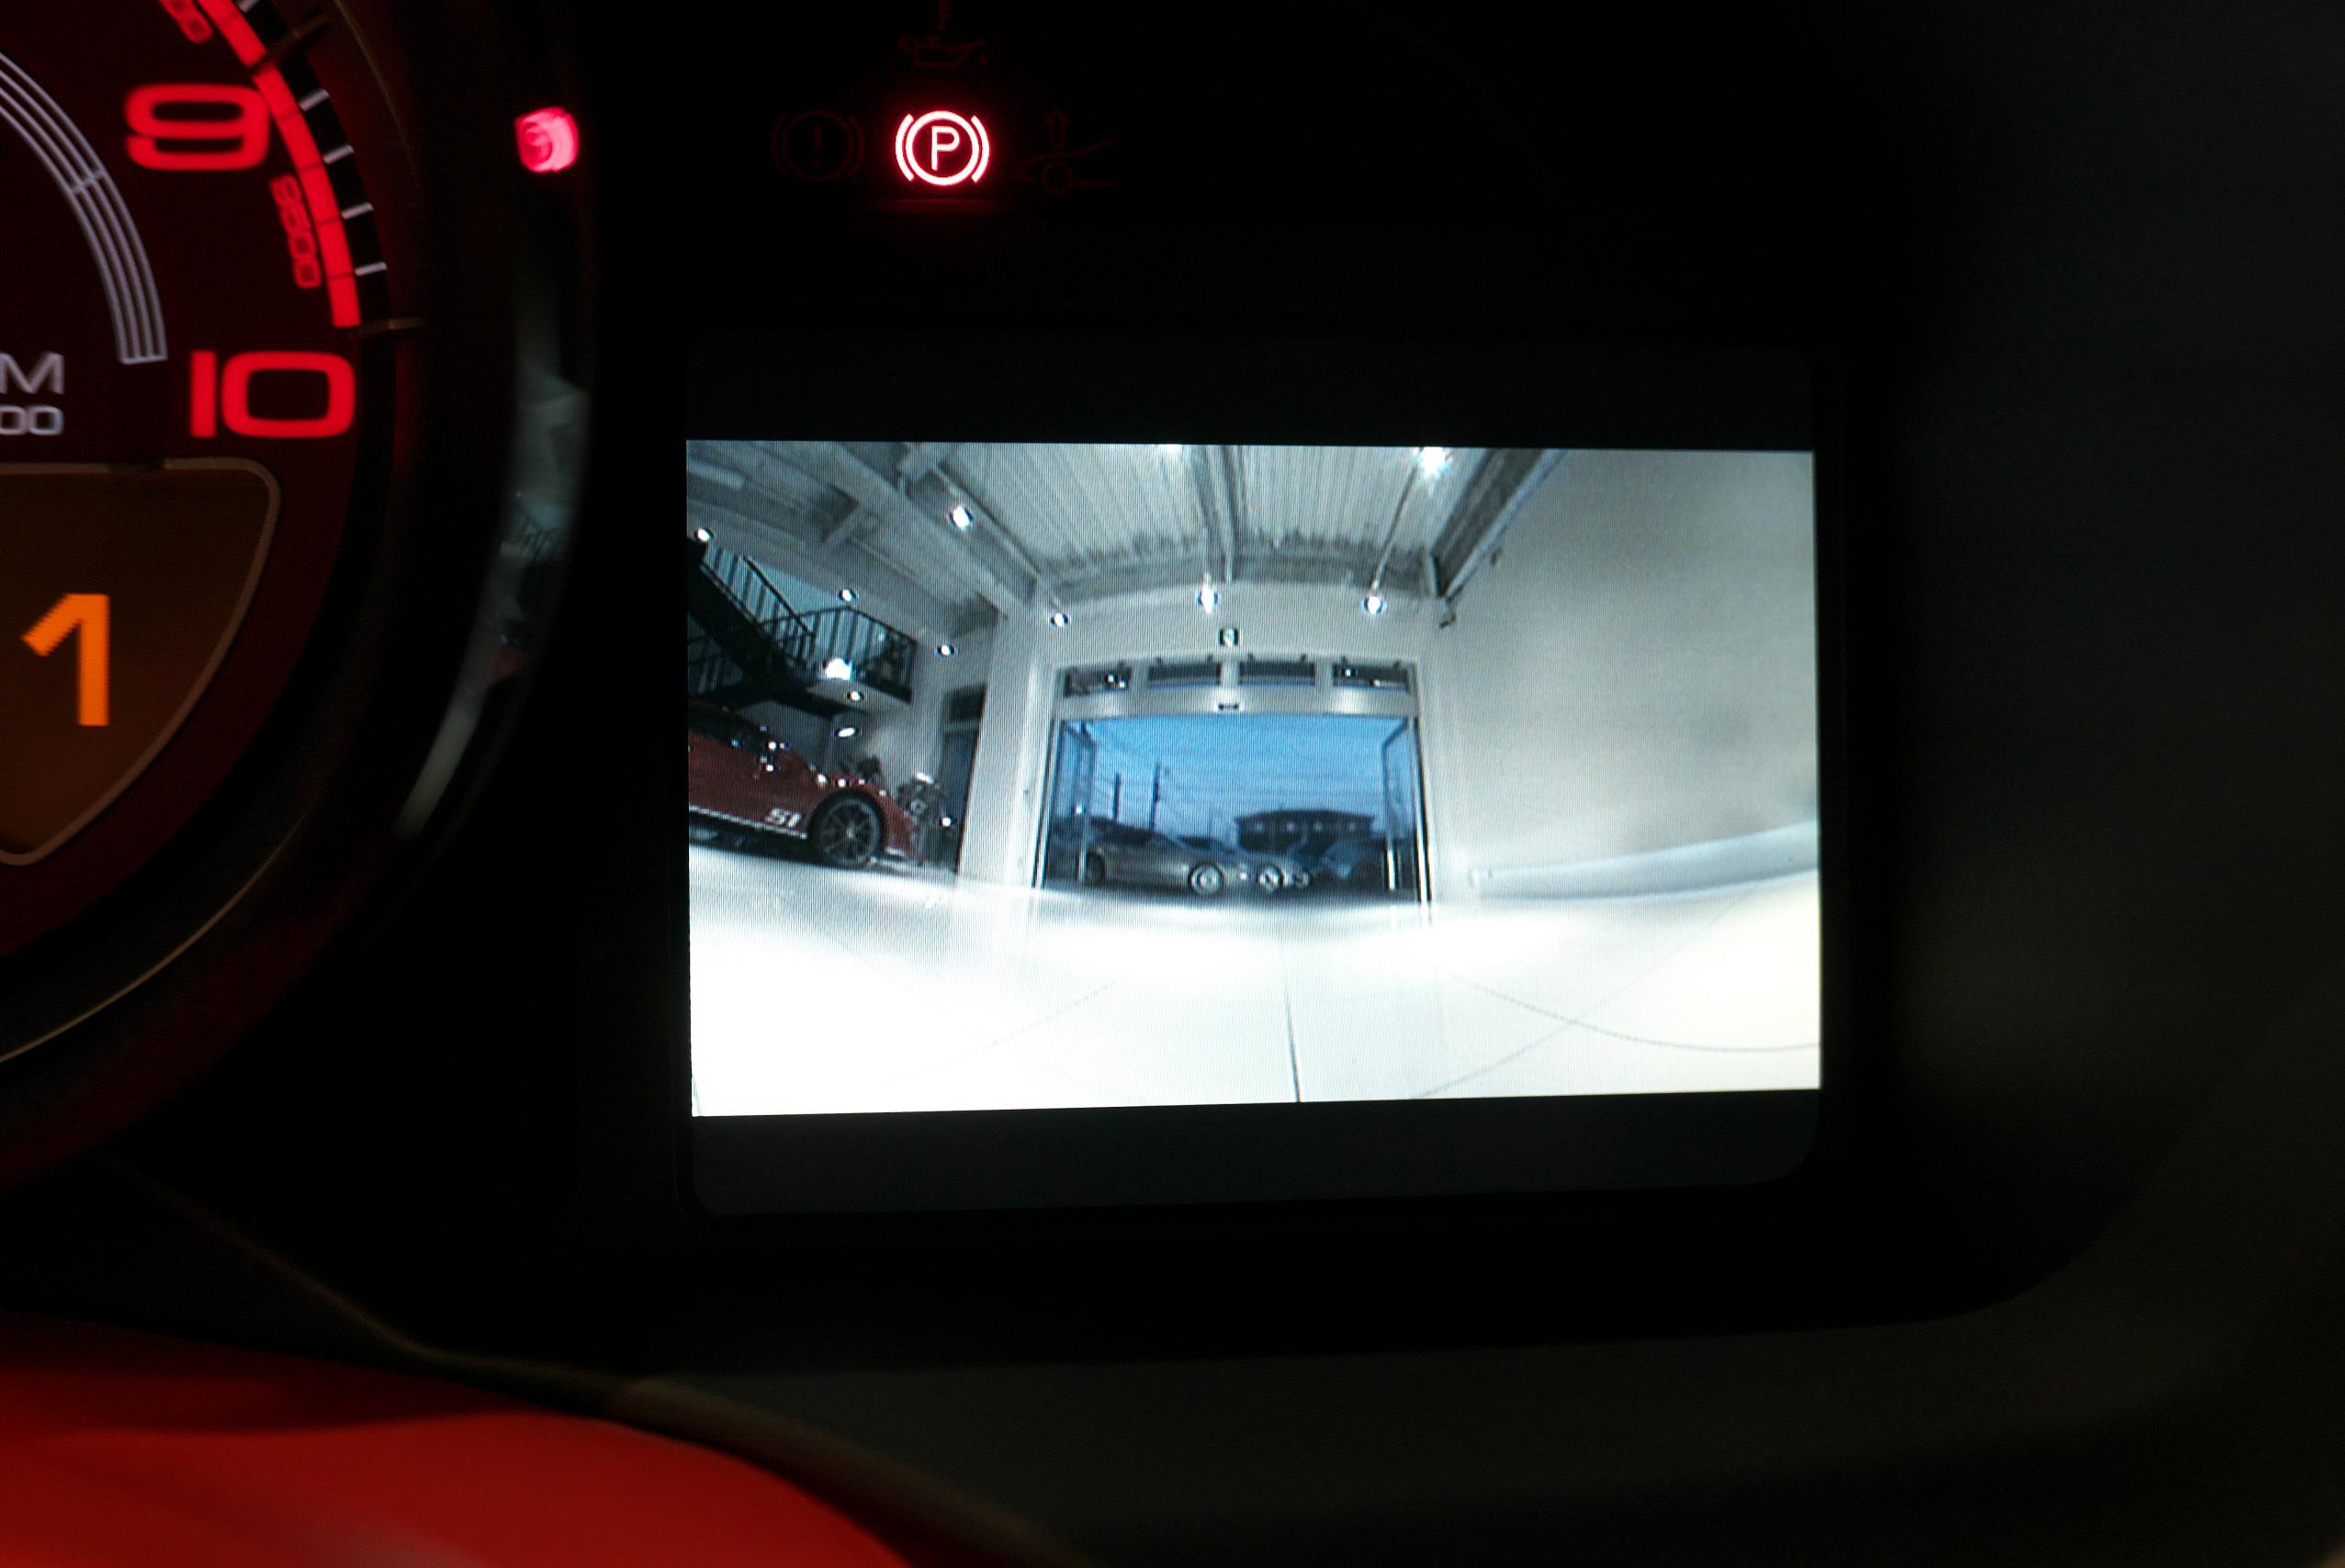 フェラーリ F12 ベルリネッタ カメラ画像